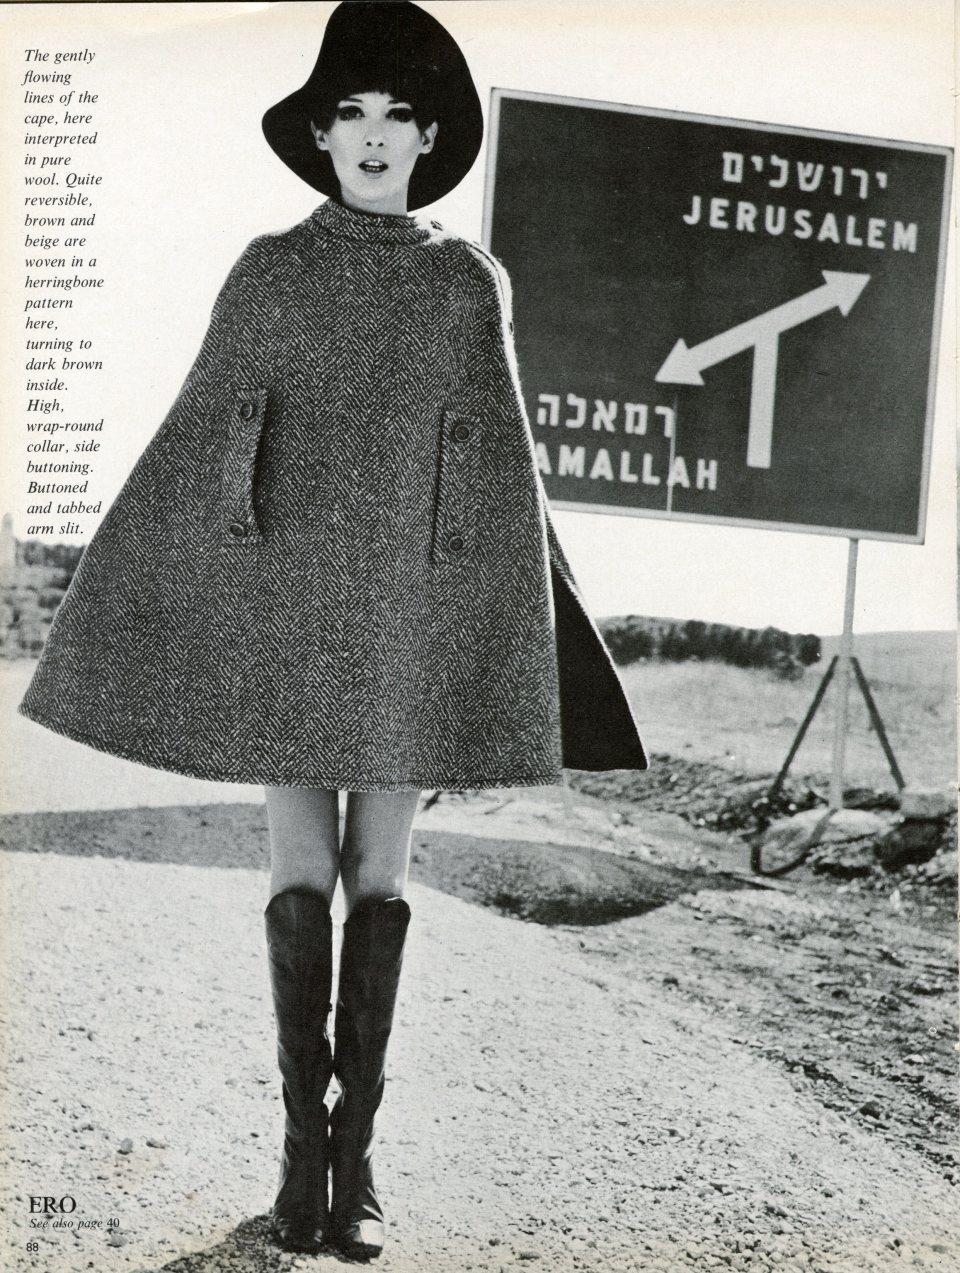 אופנת ערו צילום פיטר הרצוג דוגמנית הלית קטמור חוברת ISRAEL FASHION 1968 מכון היצוא הישראלי